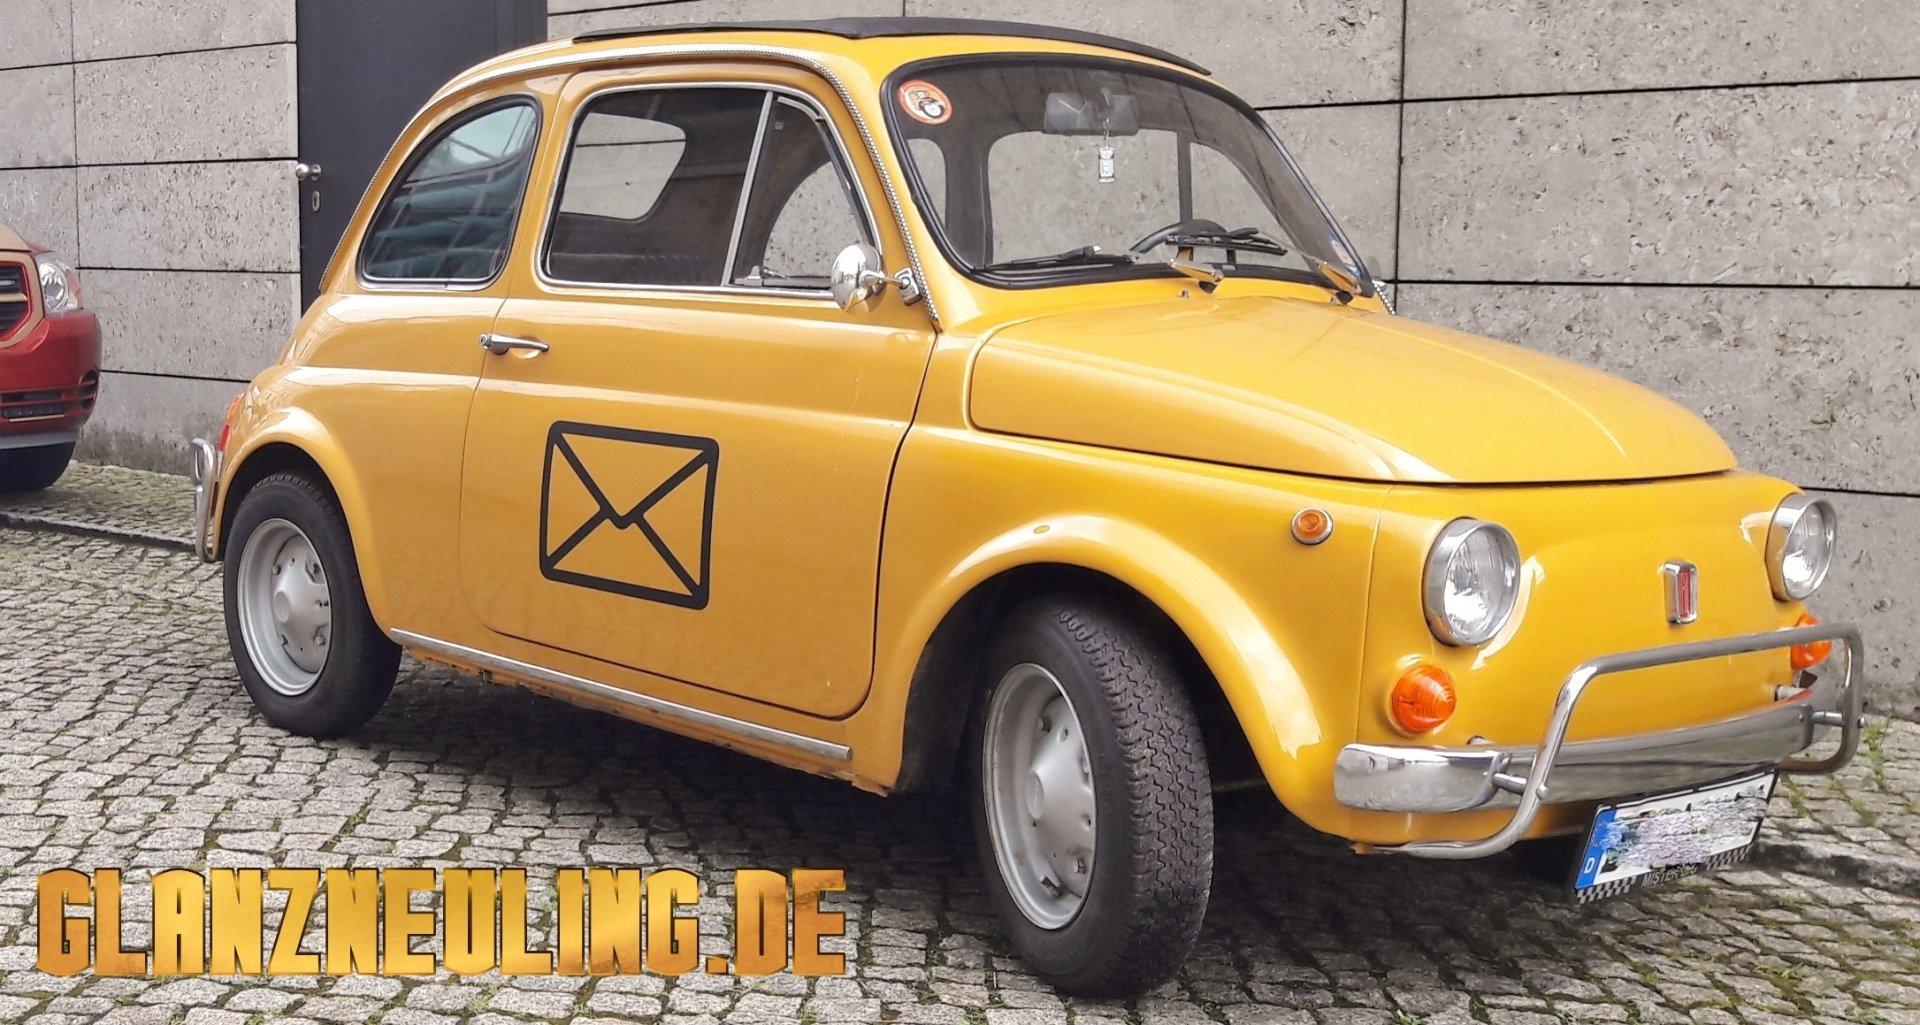 Fiat 500 mieten als gelbes Postauto